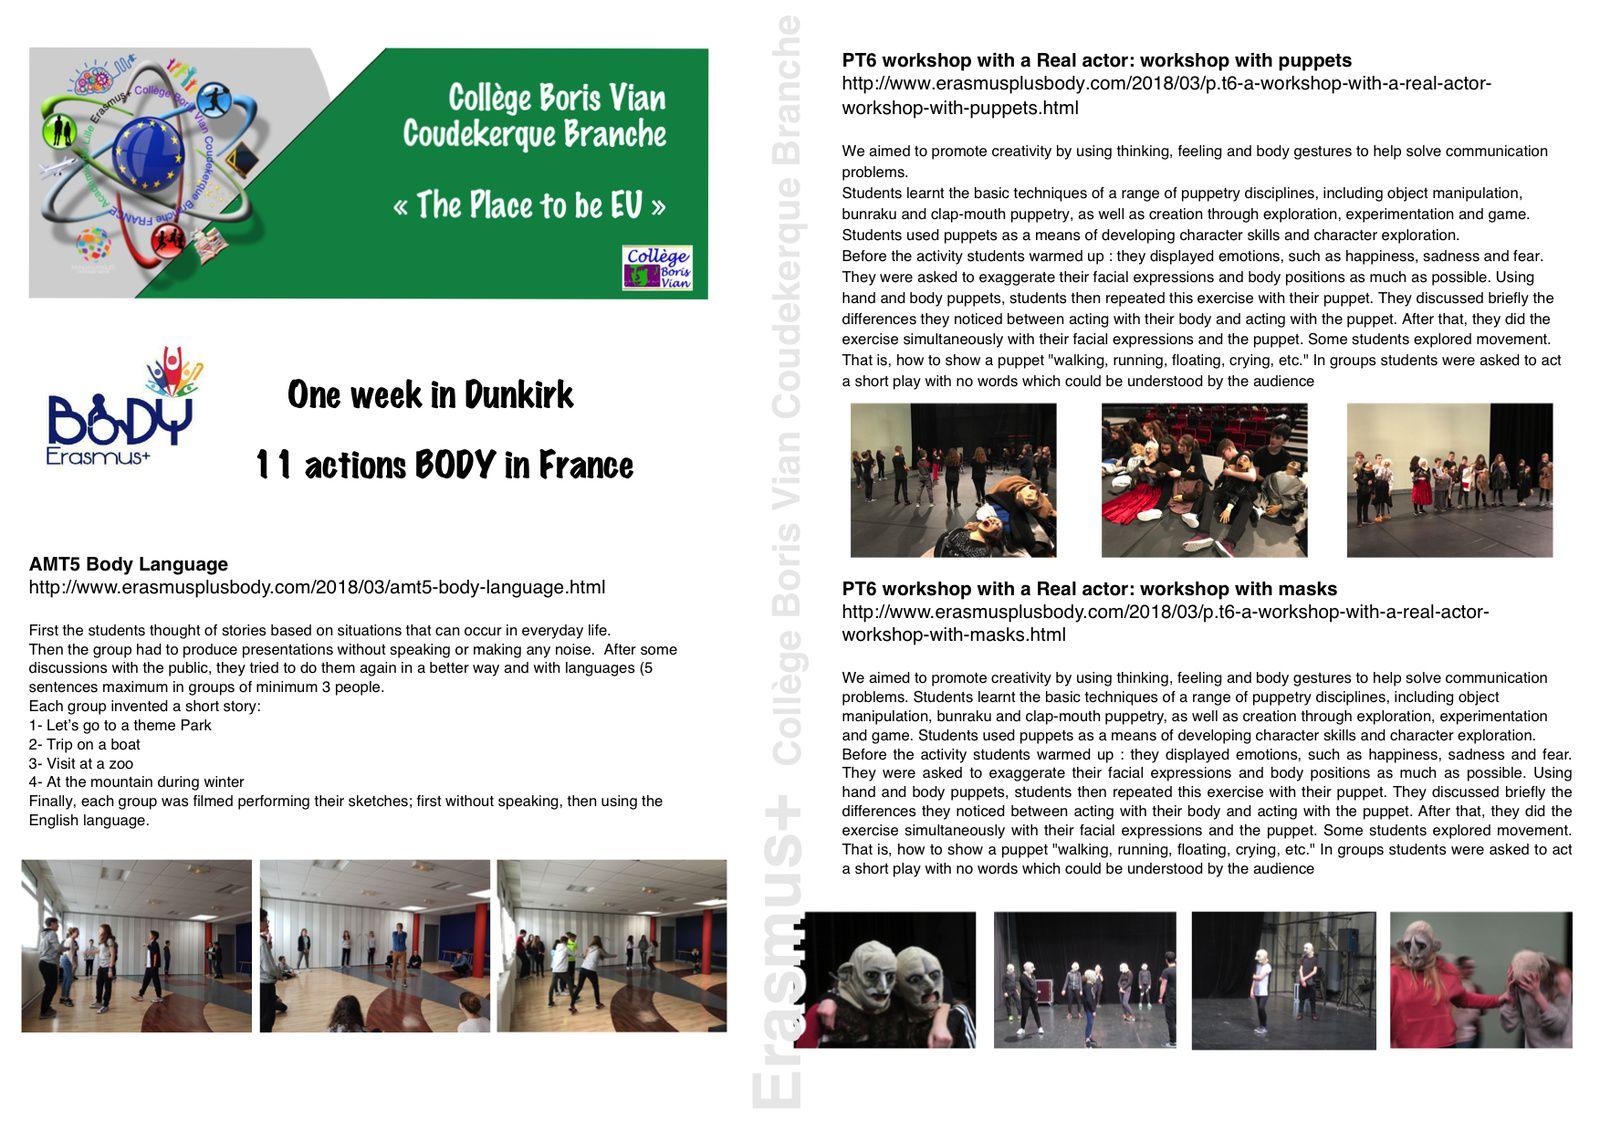 11 actions pédagogiques européennes en 6 jours au collège Boris Vian